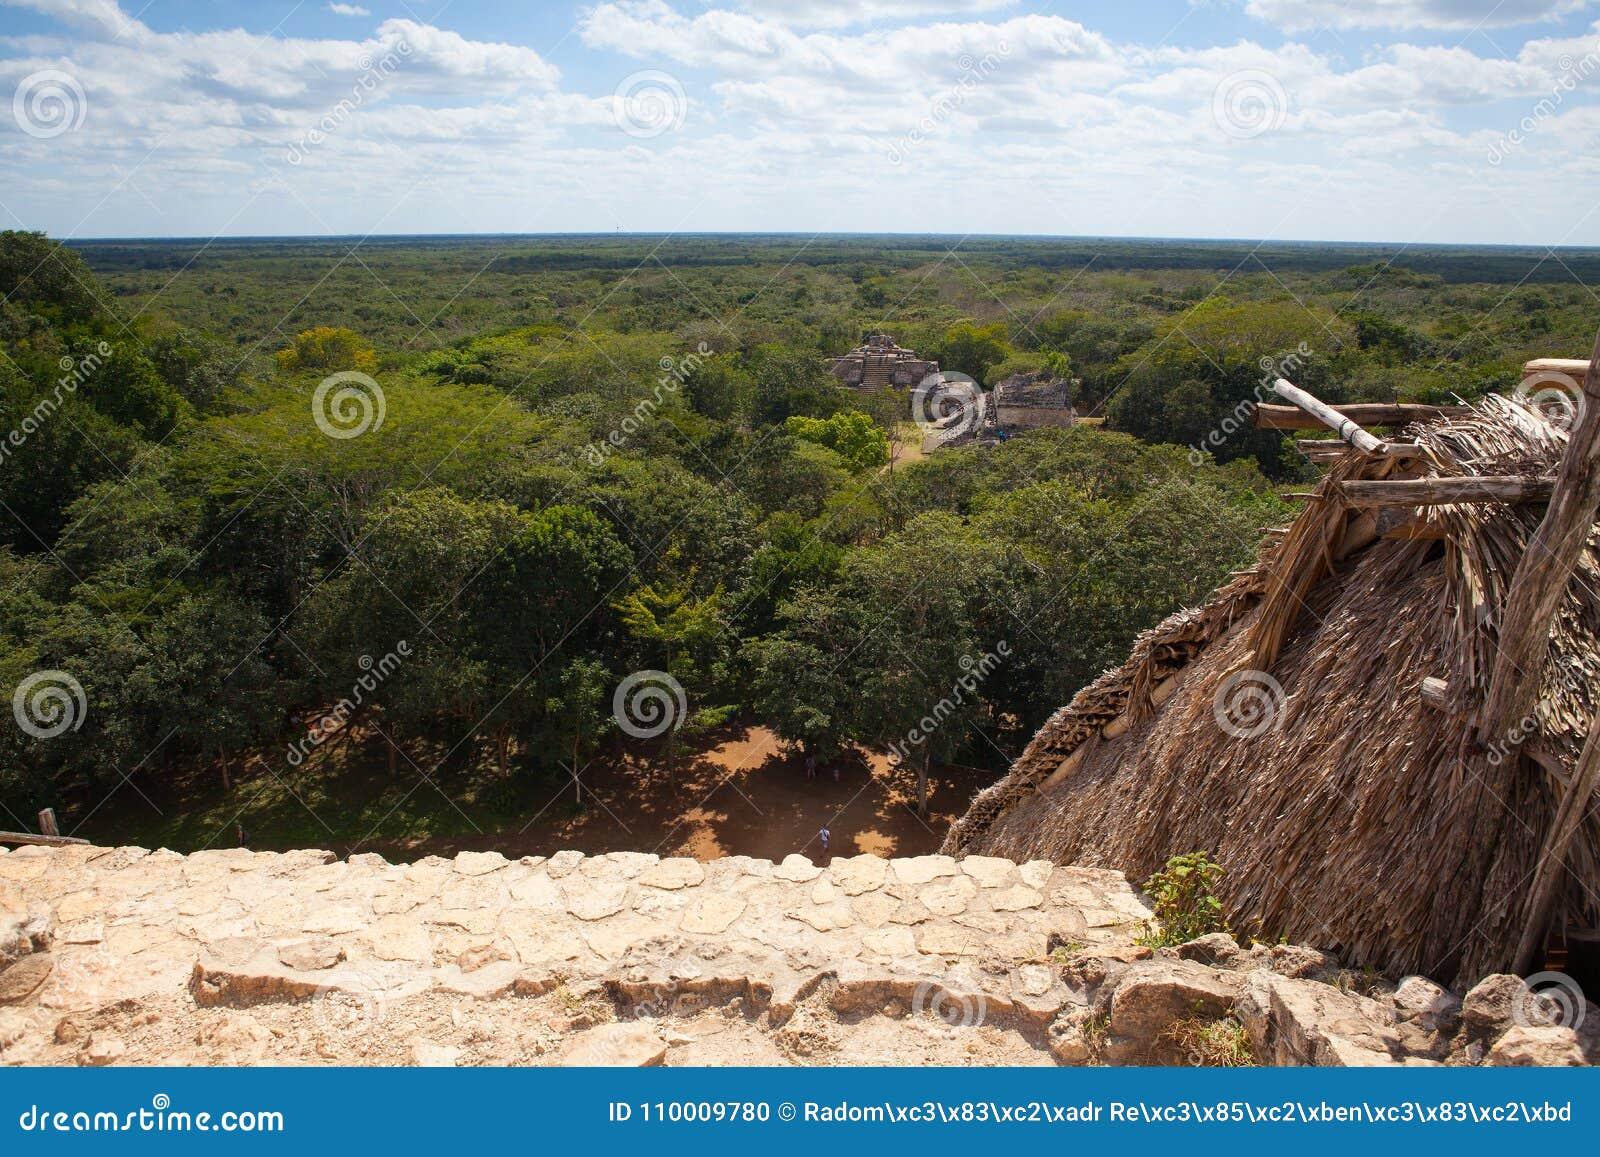 Величественные руины в Ek Balam ¡ N YucatÃ, Мексика